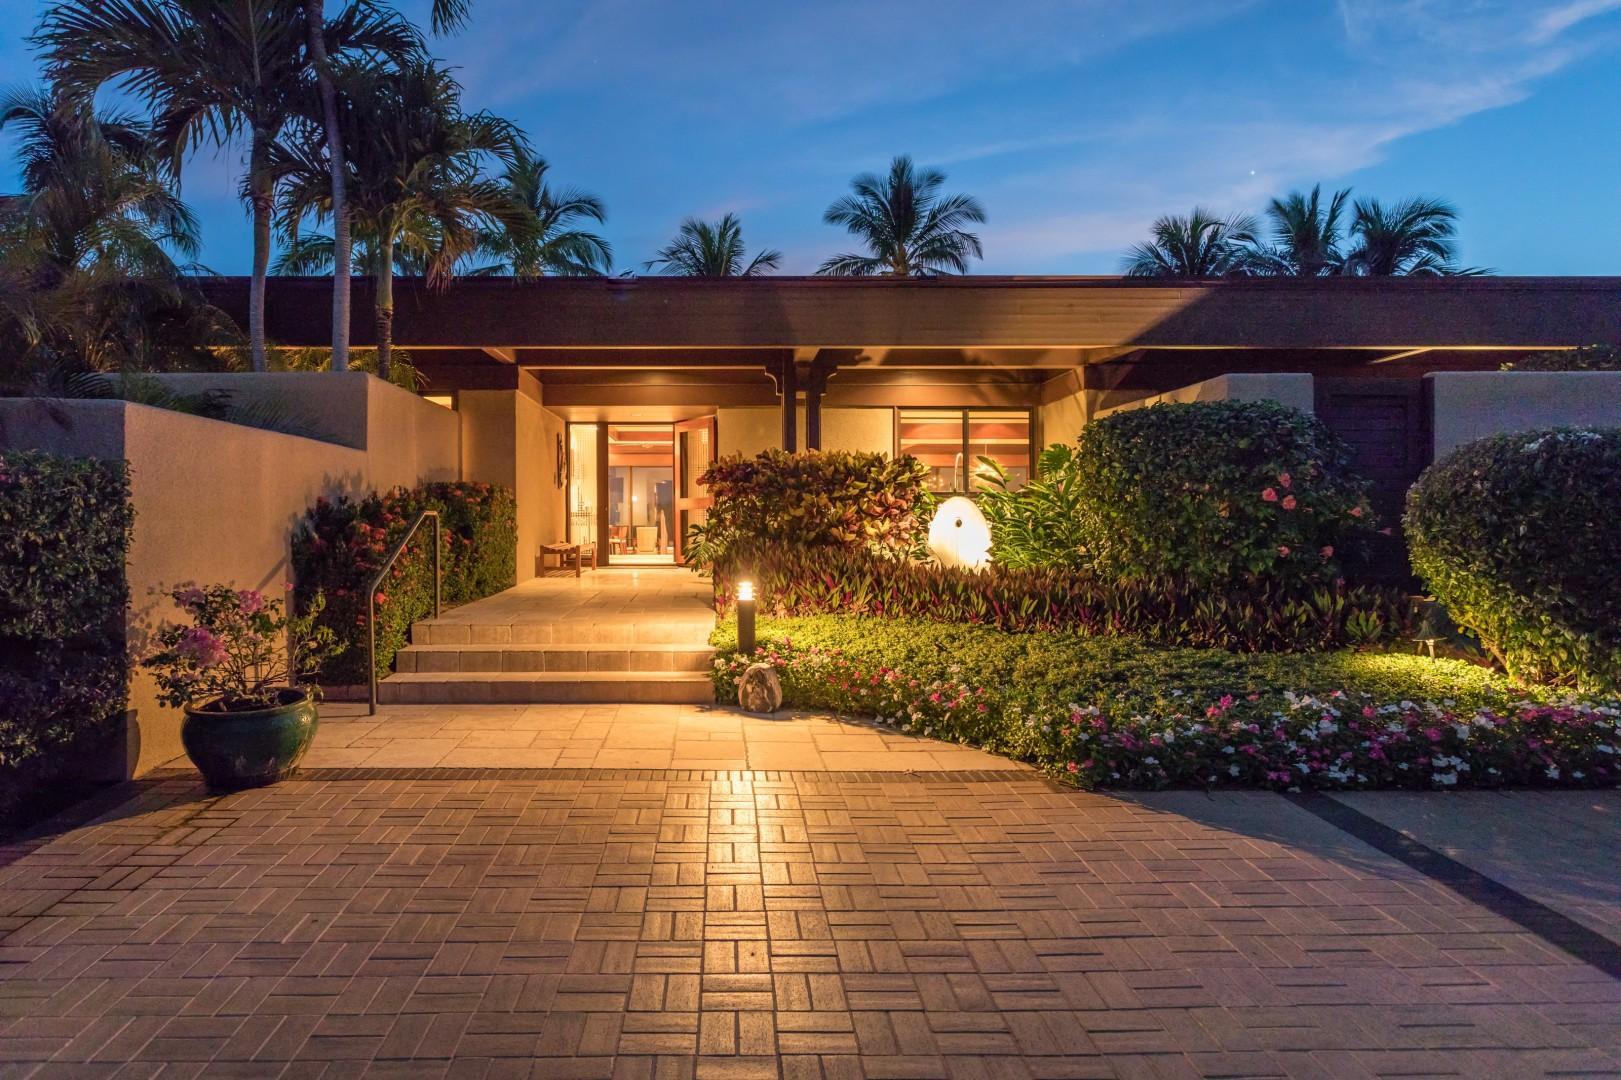 Regal entryway to villa at twilight.